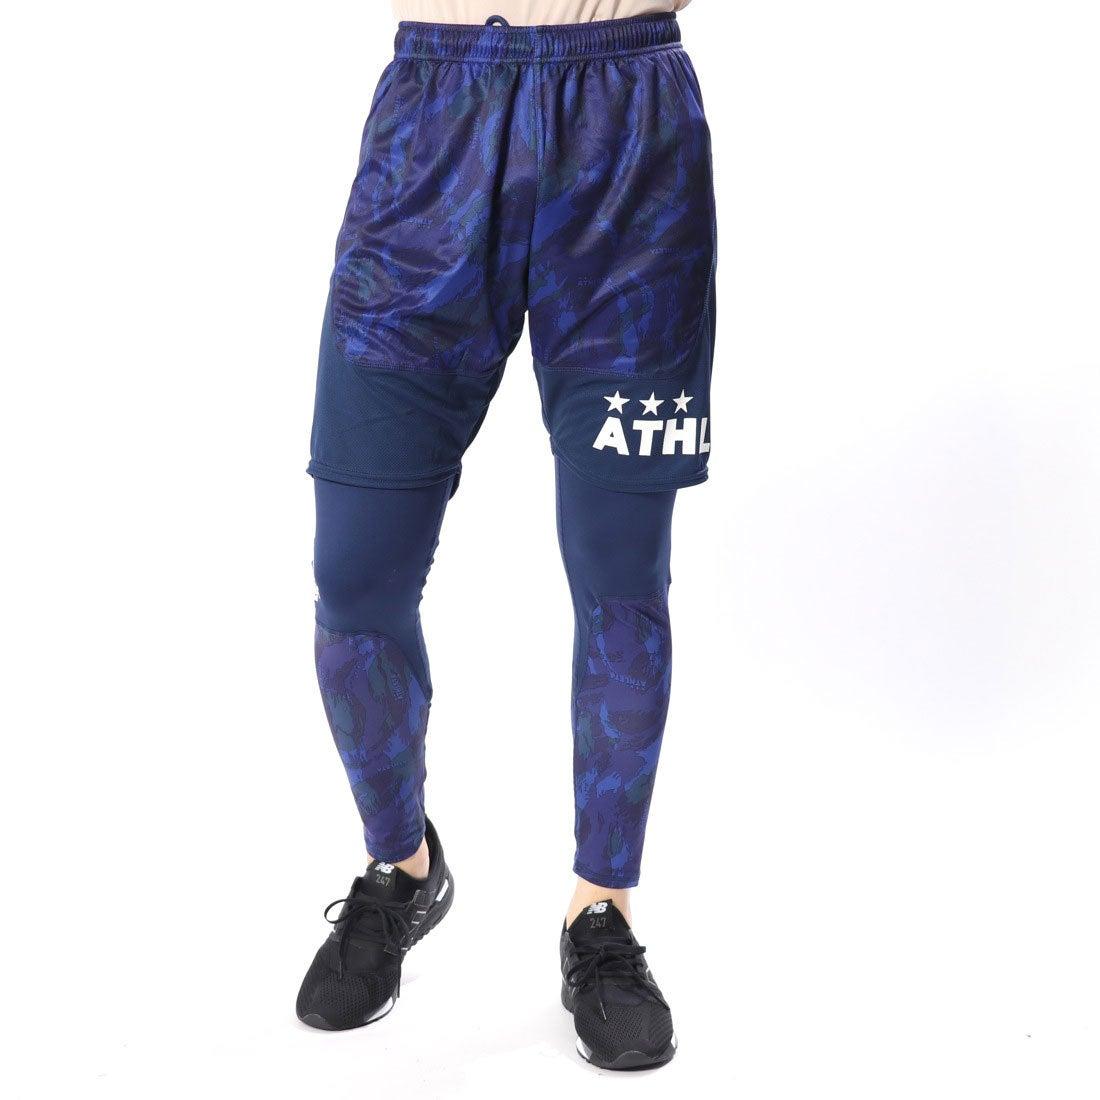 ロコンド 靴とファッションの通販サイトアスレタATHLETAメンズサッカー/フットサルレイヤードパンツプラパンツインナーセット02230